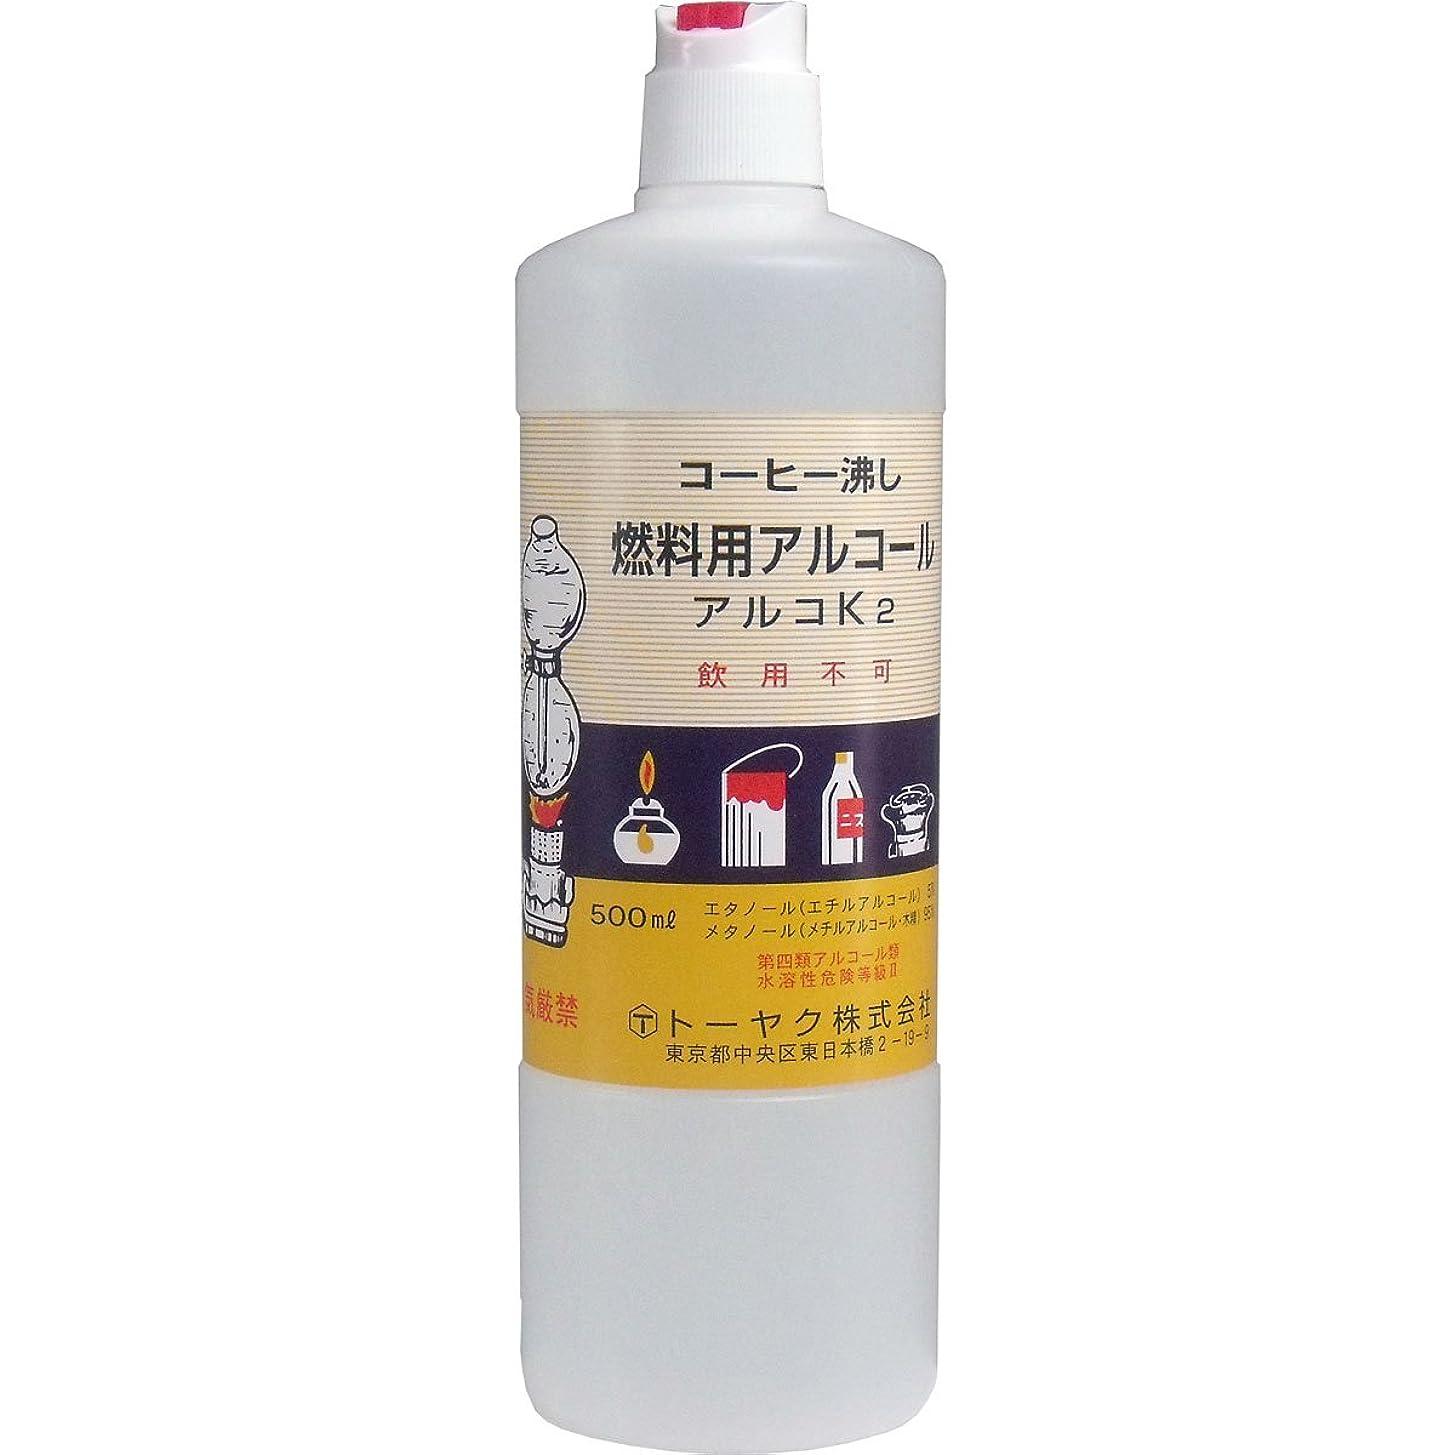 木シャツパパ燃料用アルコール アルコK2 ×3個セット